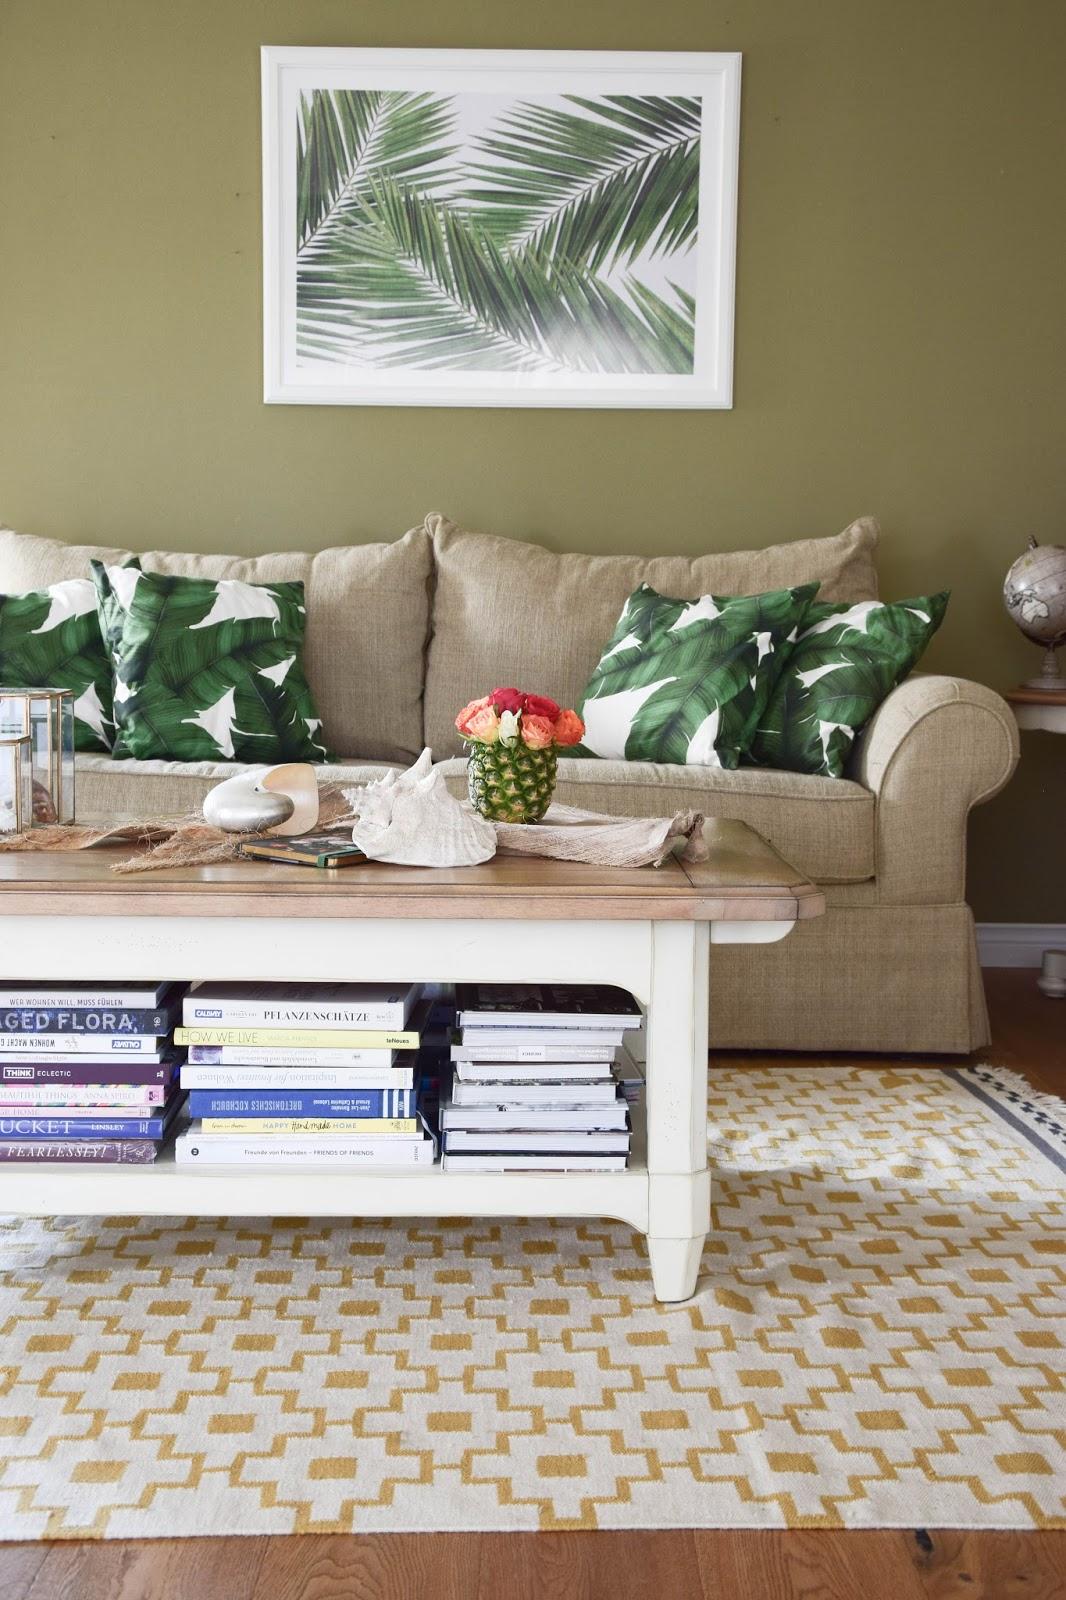 Sommer Deko fürs Wohnzimmer: Dekoideen, Tipps und mehr: Dekoration, Botanical Style, grün, sommerlich, Sommer, Sofa, Kissen